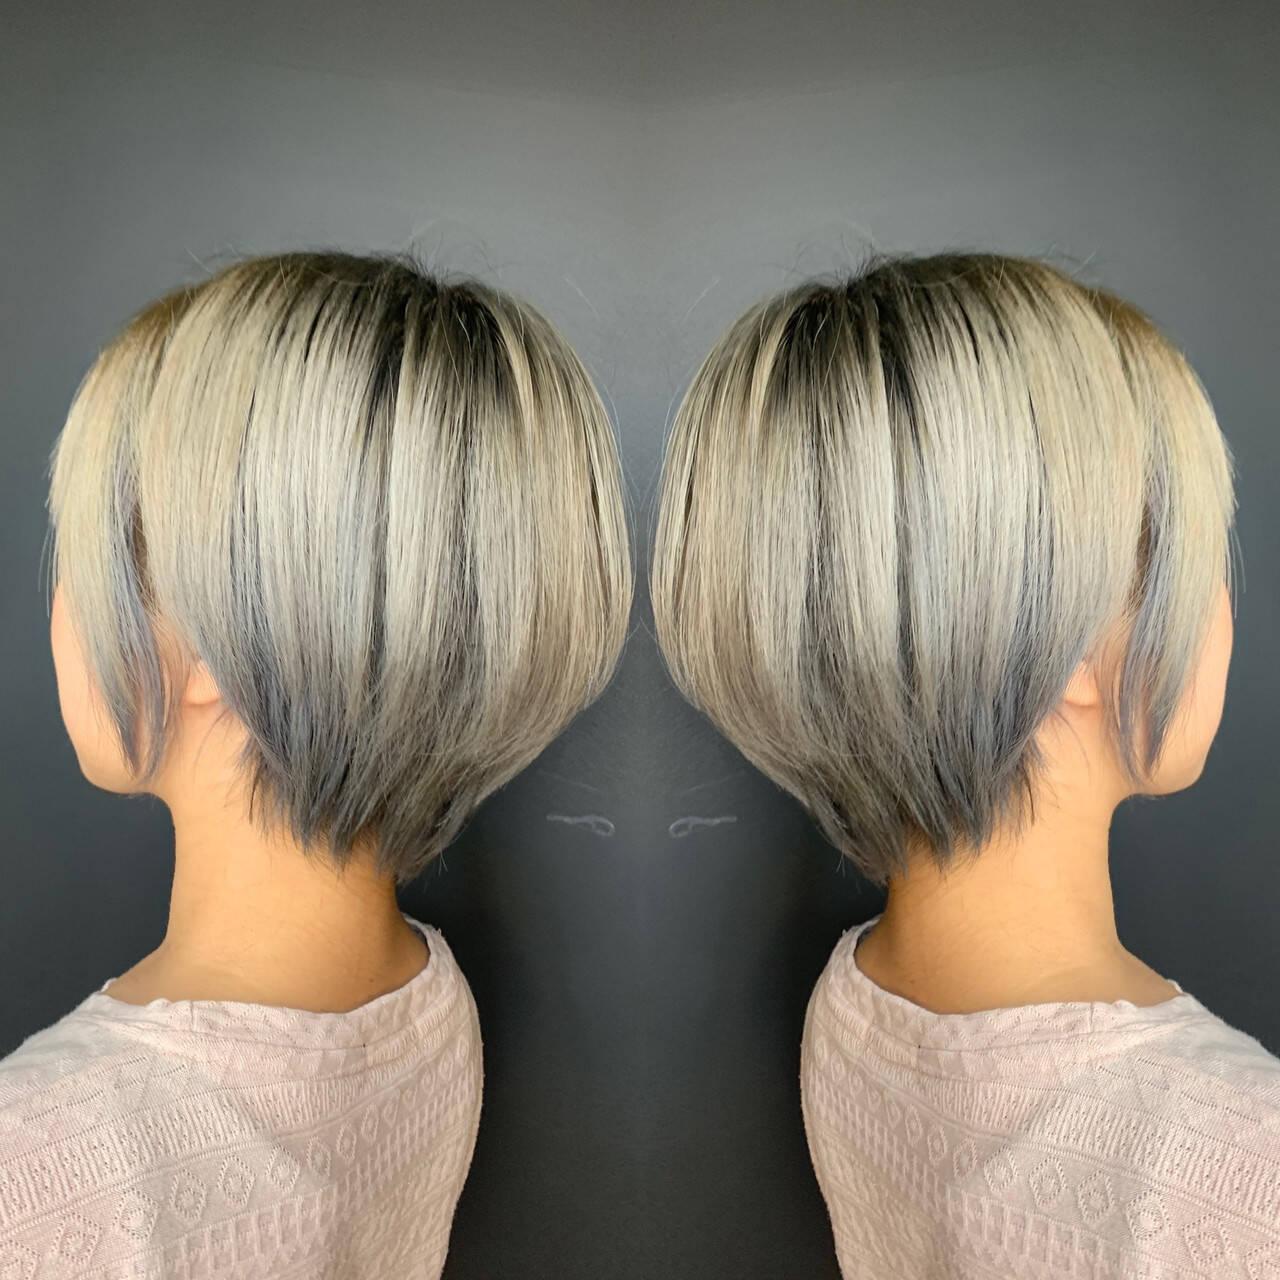 3Dハイライト ホワイトグラデーション ショートボブ 大人ハイライトヘアスタイルや髪型の写真・画像